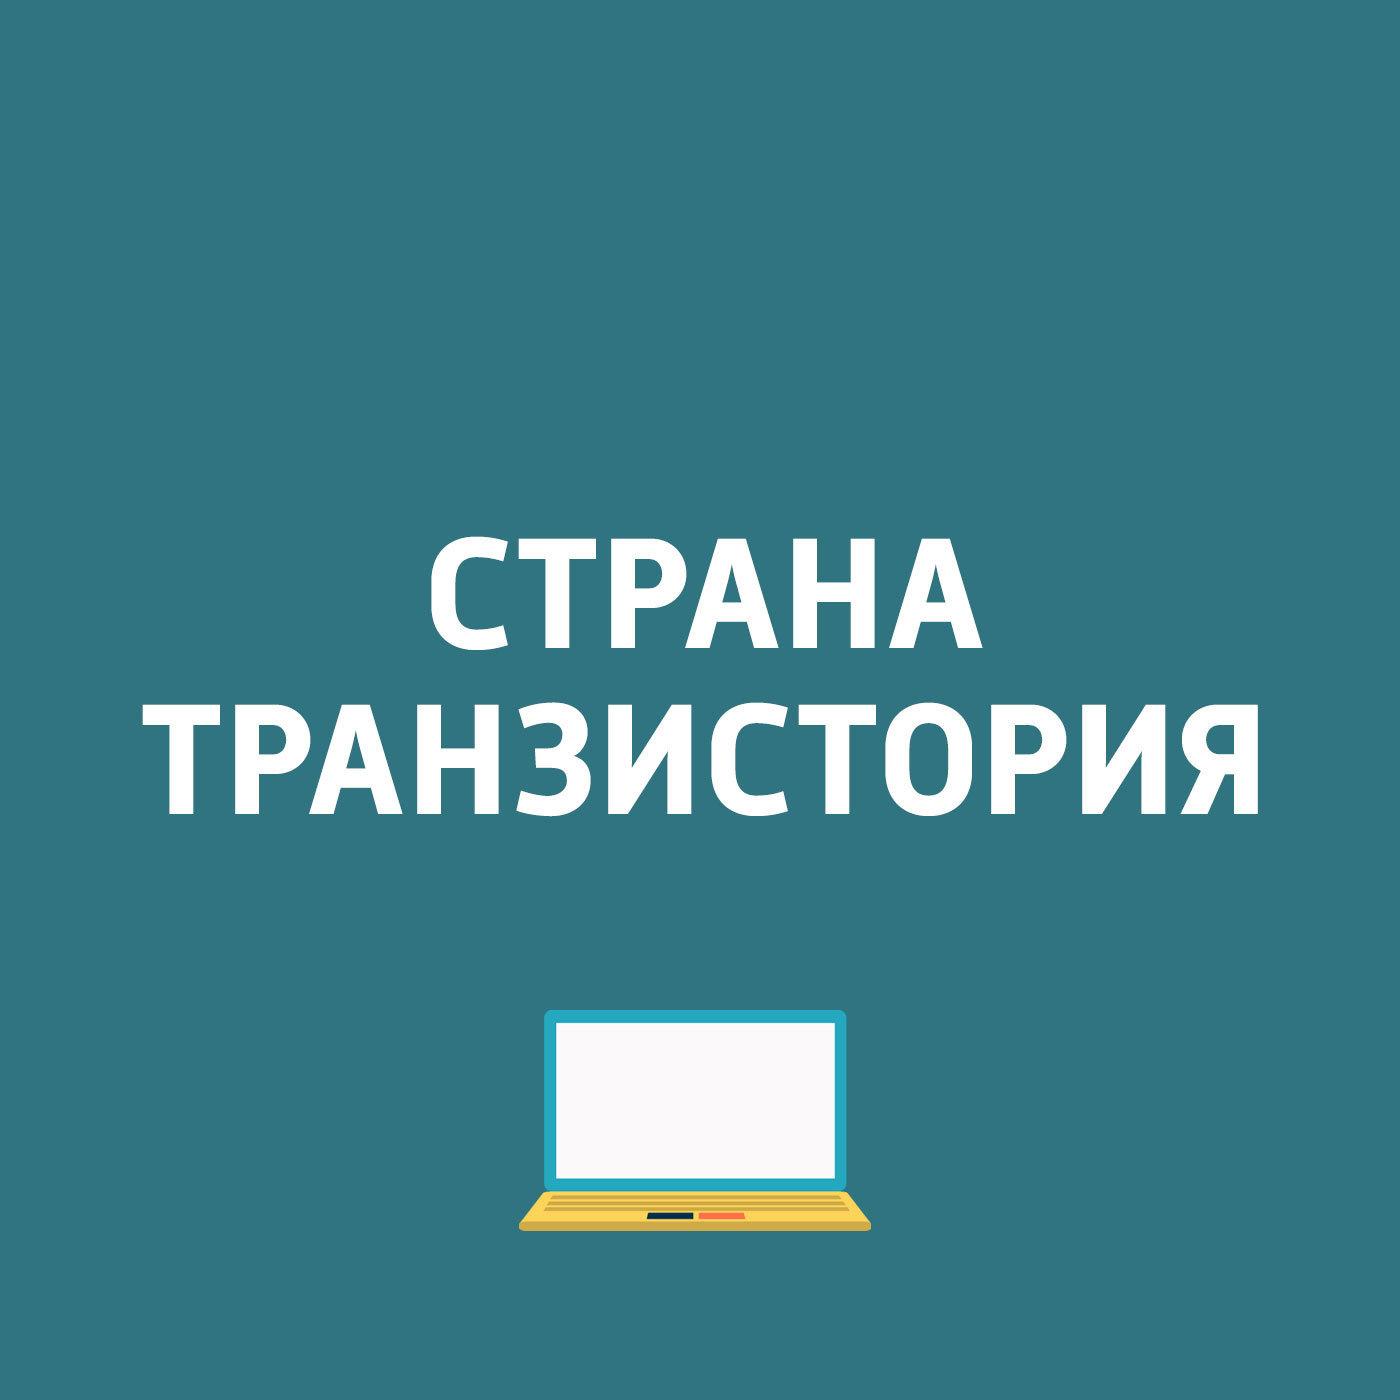 Картаев Павел NVIDIA представила компьютер с искусственным интеллектом; Samsung Pay картаев павел hmd получила контроль над брендом nokia смартфоны дебютируют в 2017 году